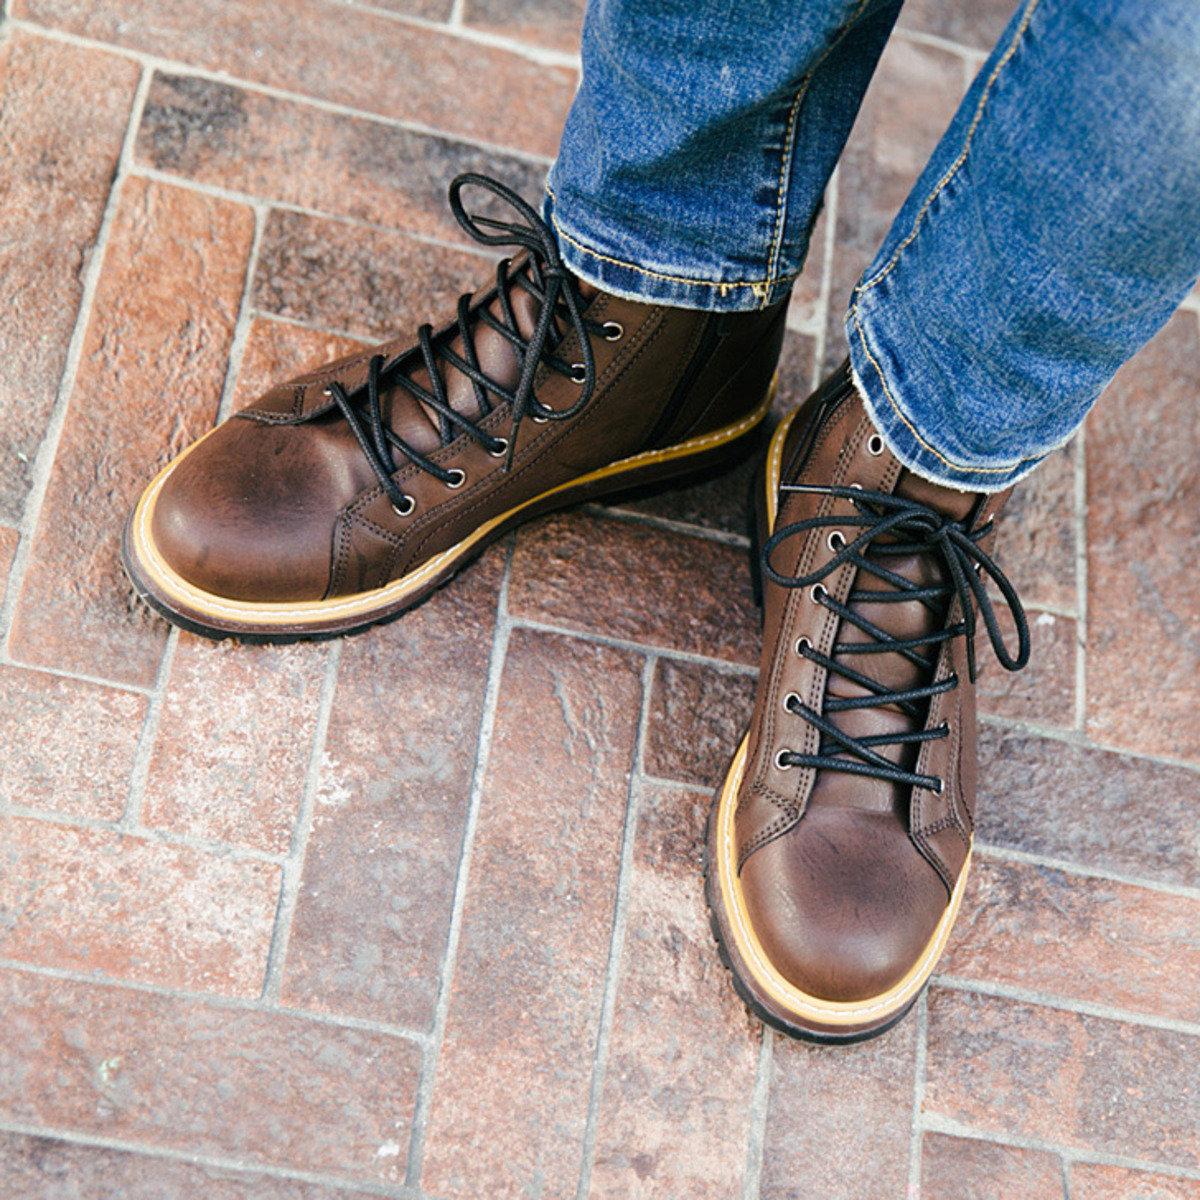 Bern 短靴_SH6_151202014